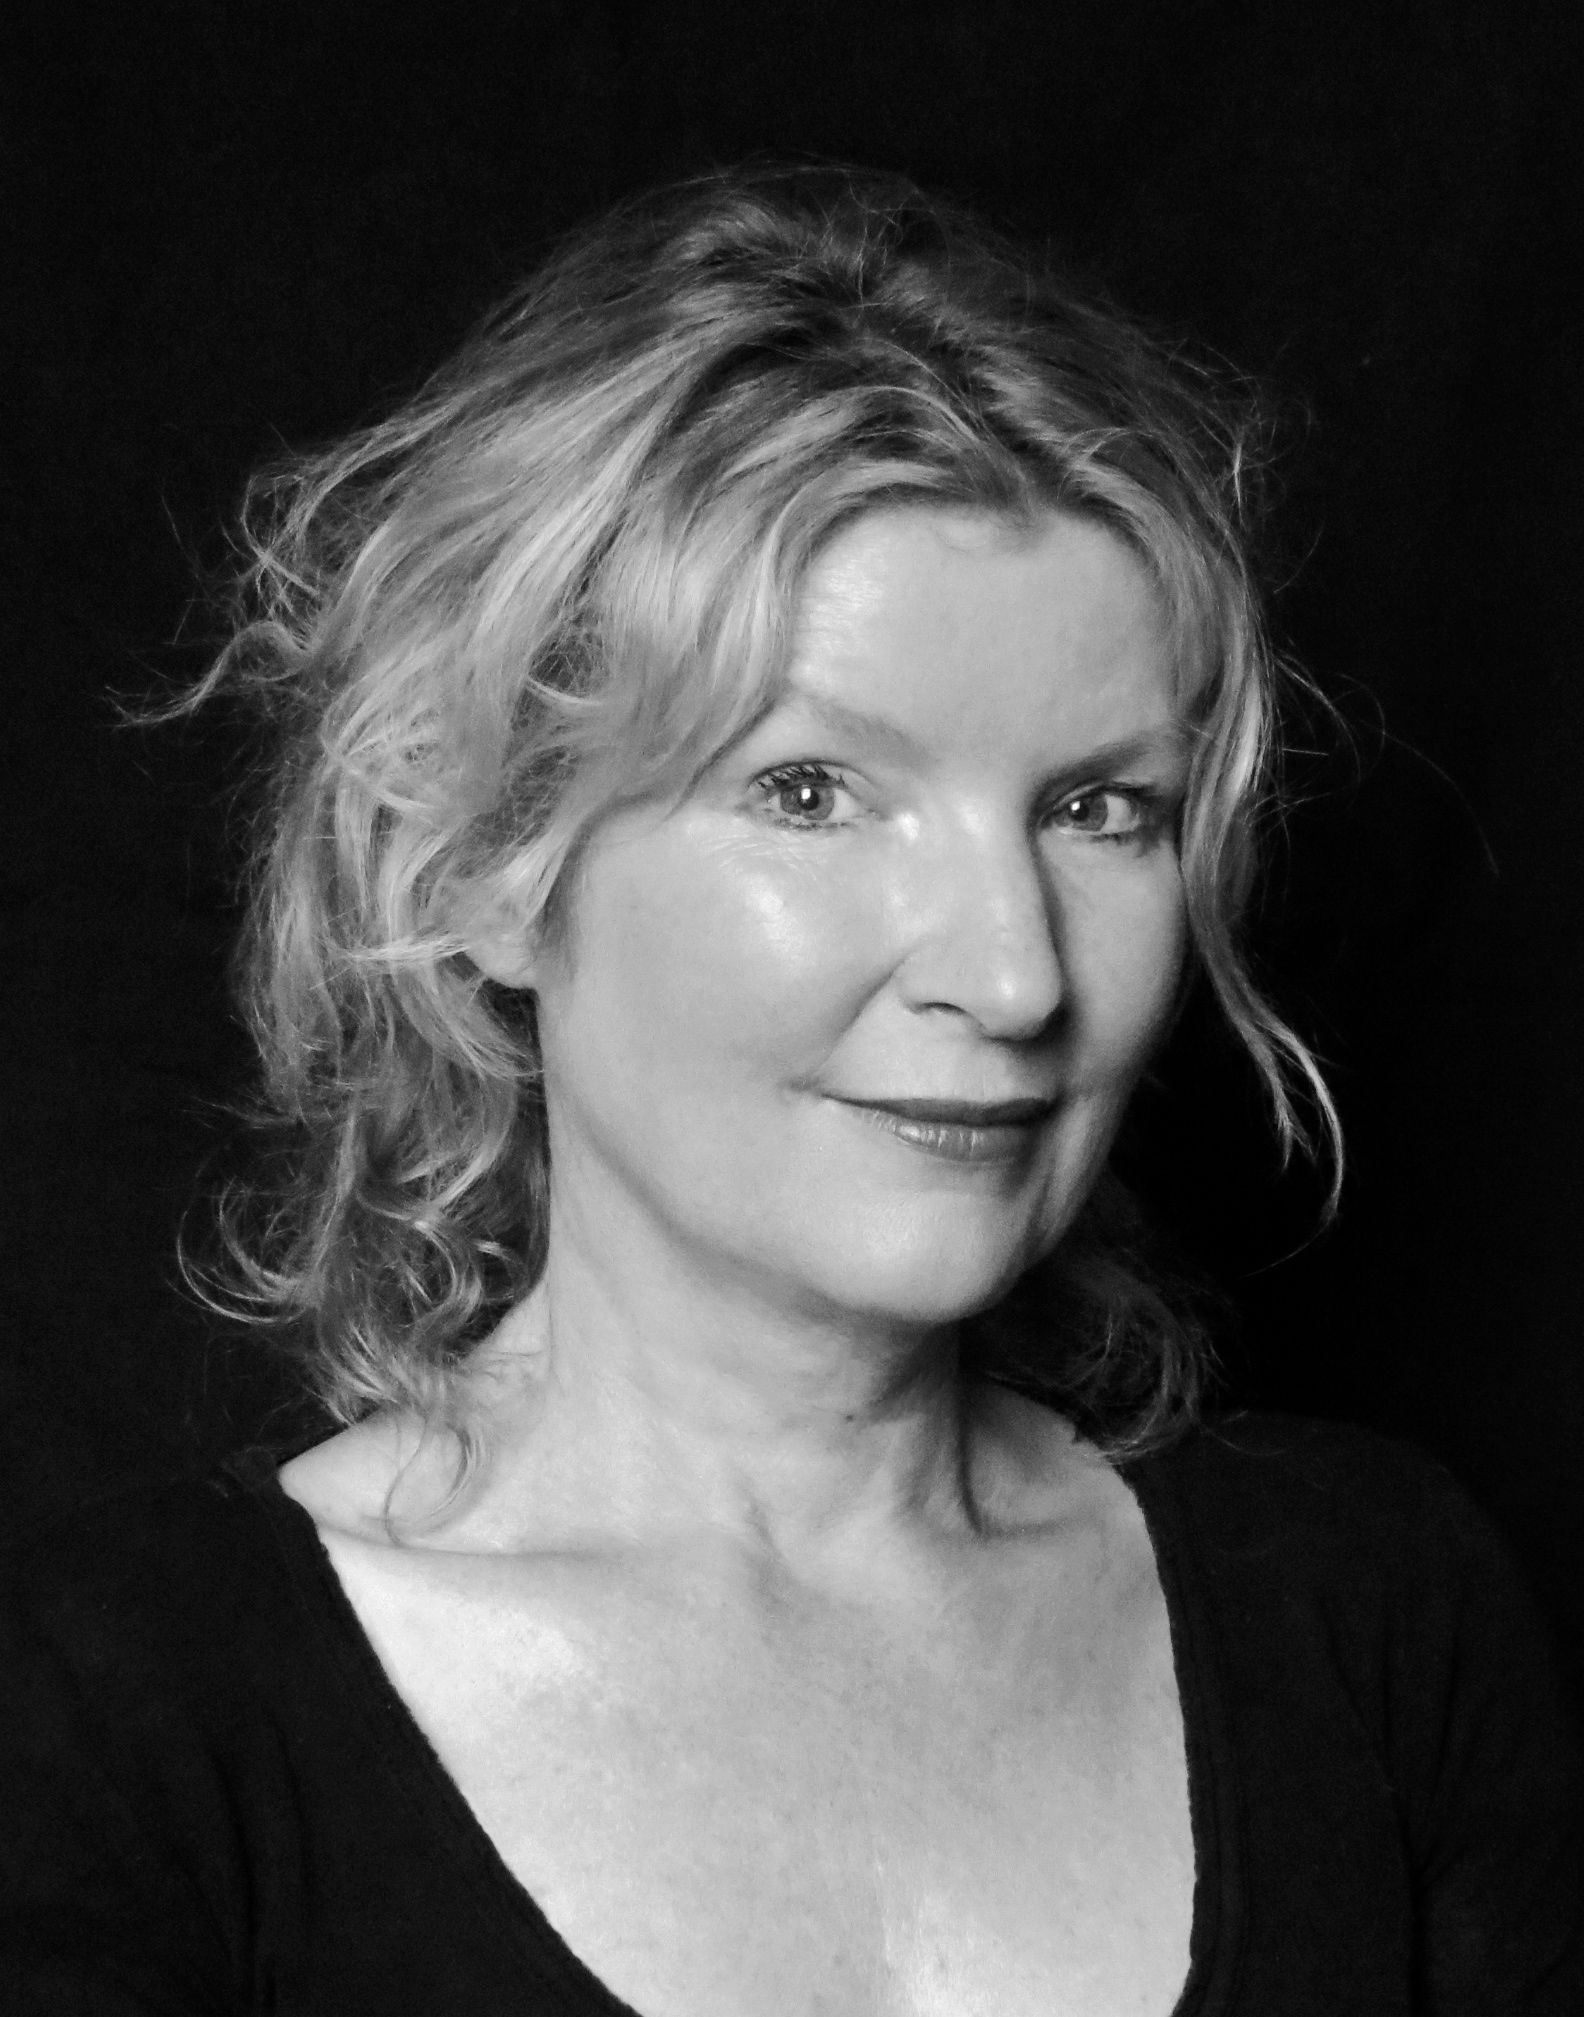 Freya Stang, sykehusklovn, skuespiller